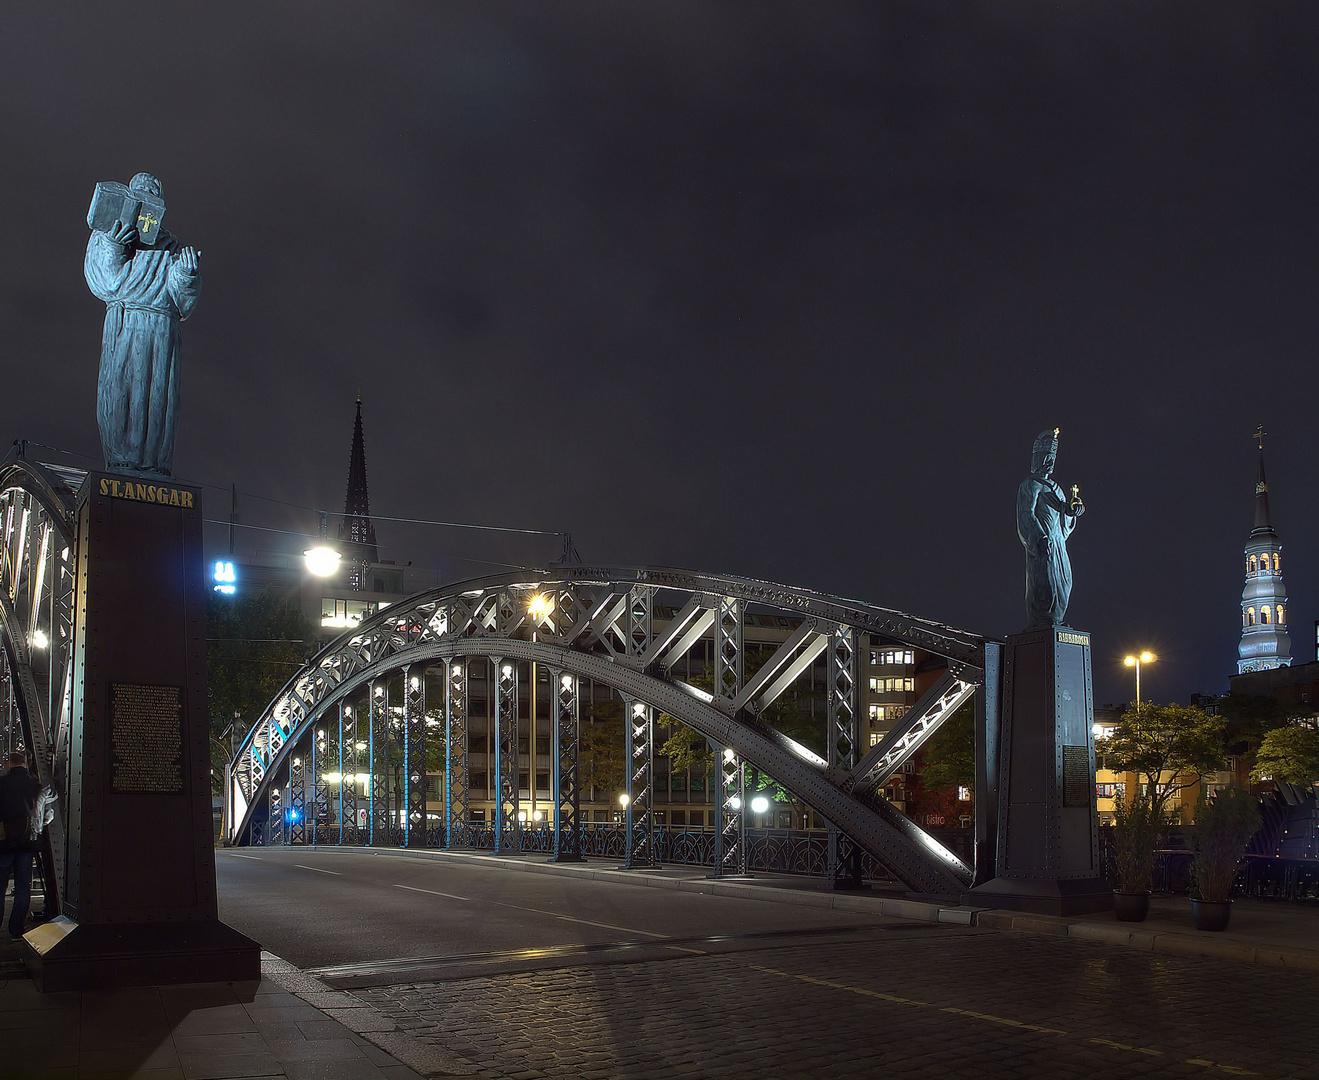 - Fotograf an der Brücke -